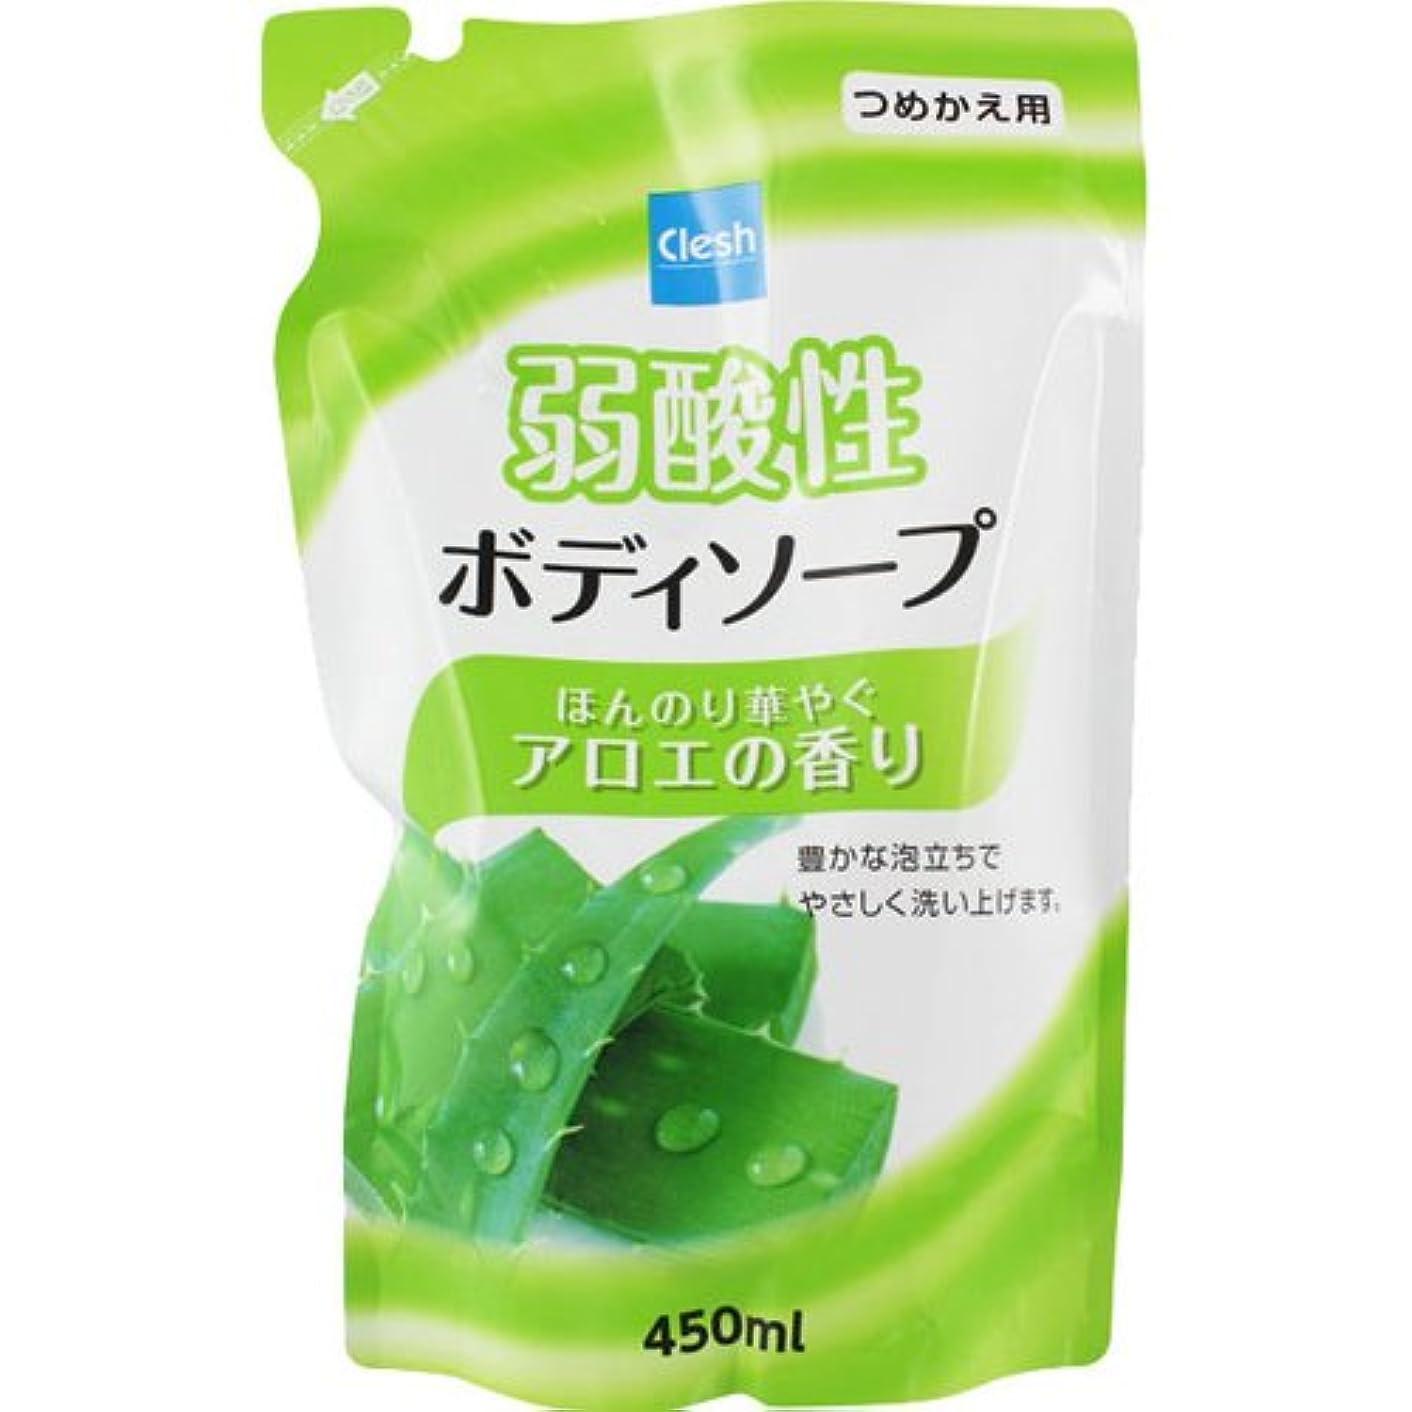 カルシウム成人期アラブ人Clesh(クレシュ) 弱酸性ボディソープ アロエの香り つめかえ用 450ml